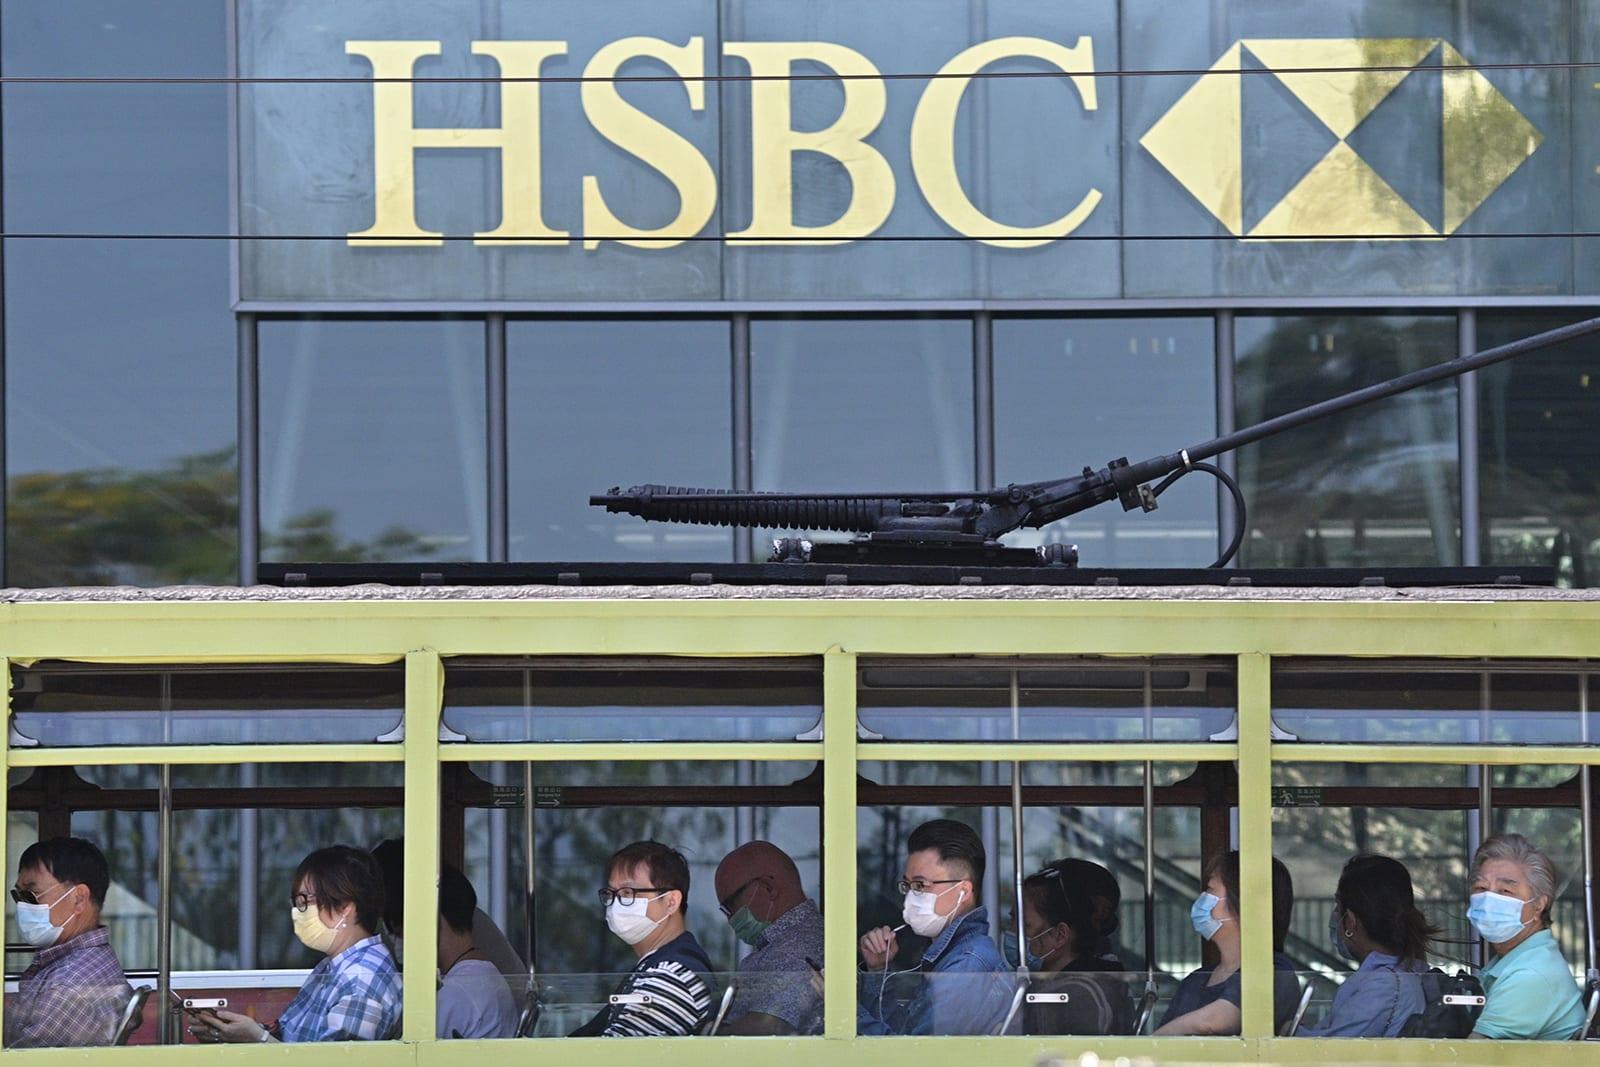 وسط مزاعم قيود وغسل أموال.. أسهم HSBC في أدنى مستوياتها منذ 25 عاماً